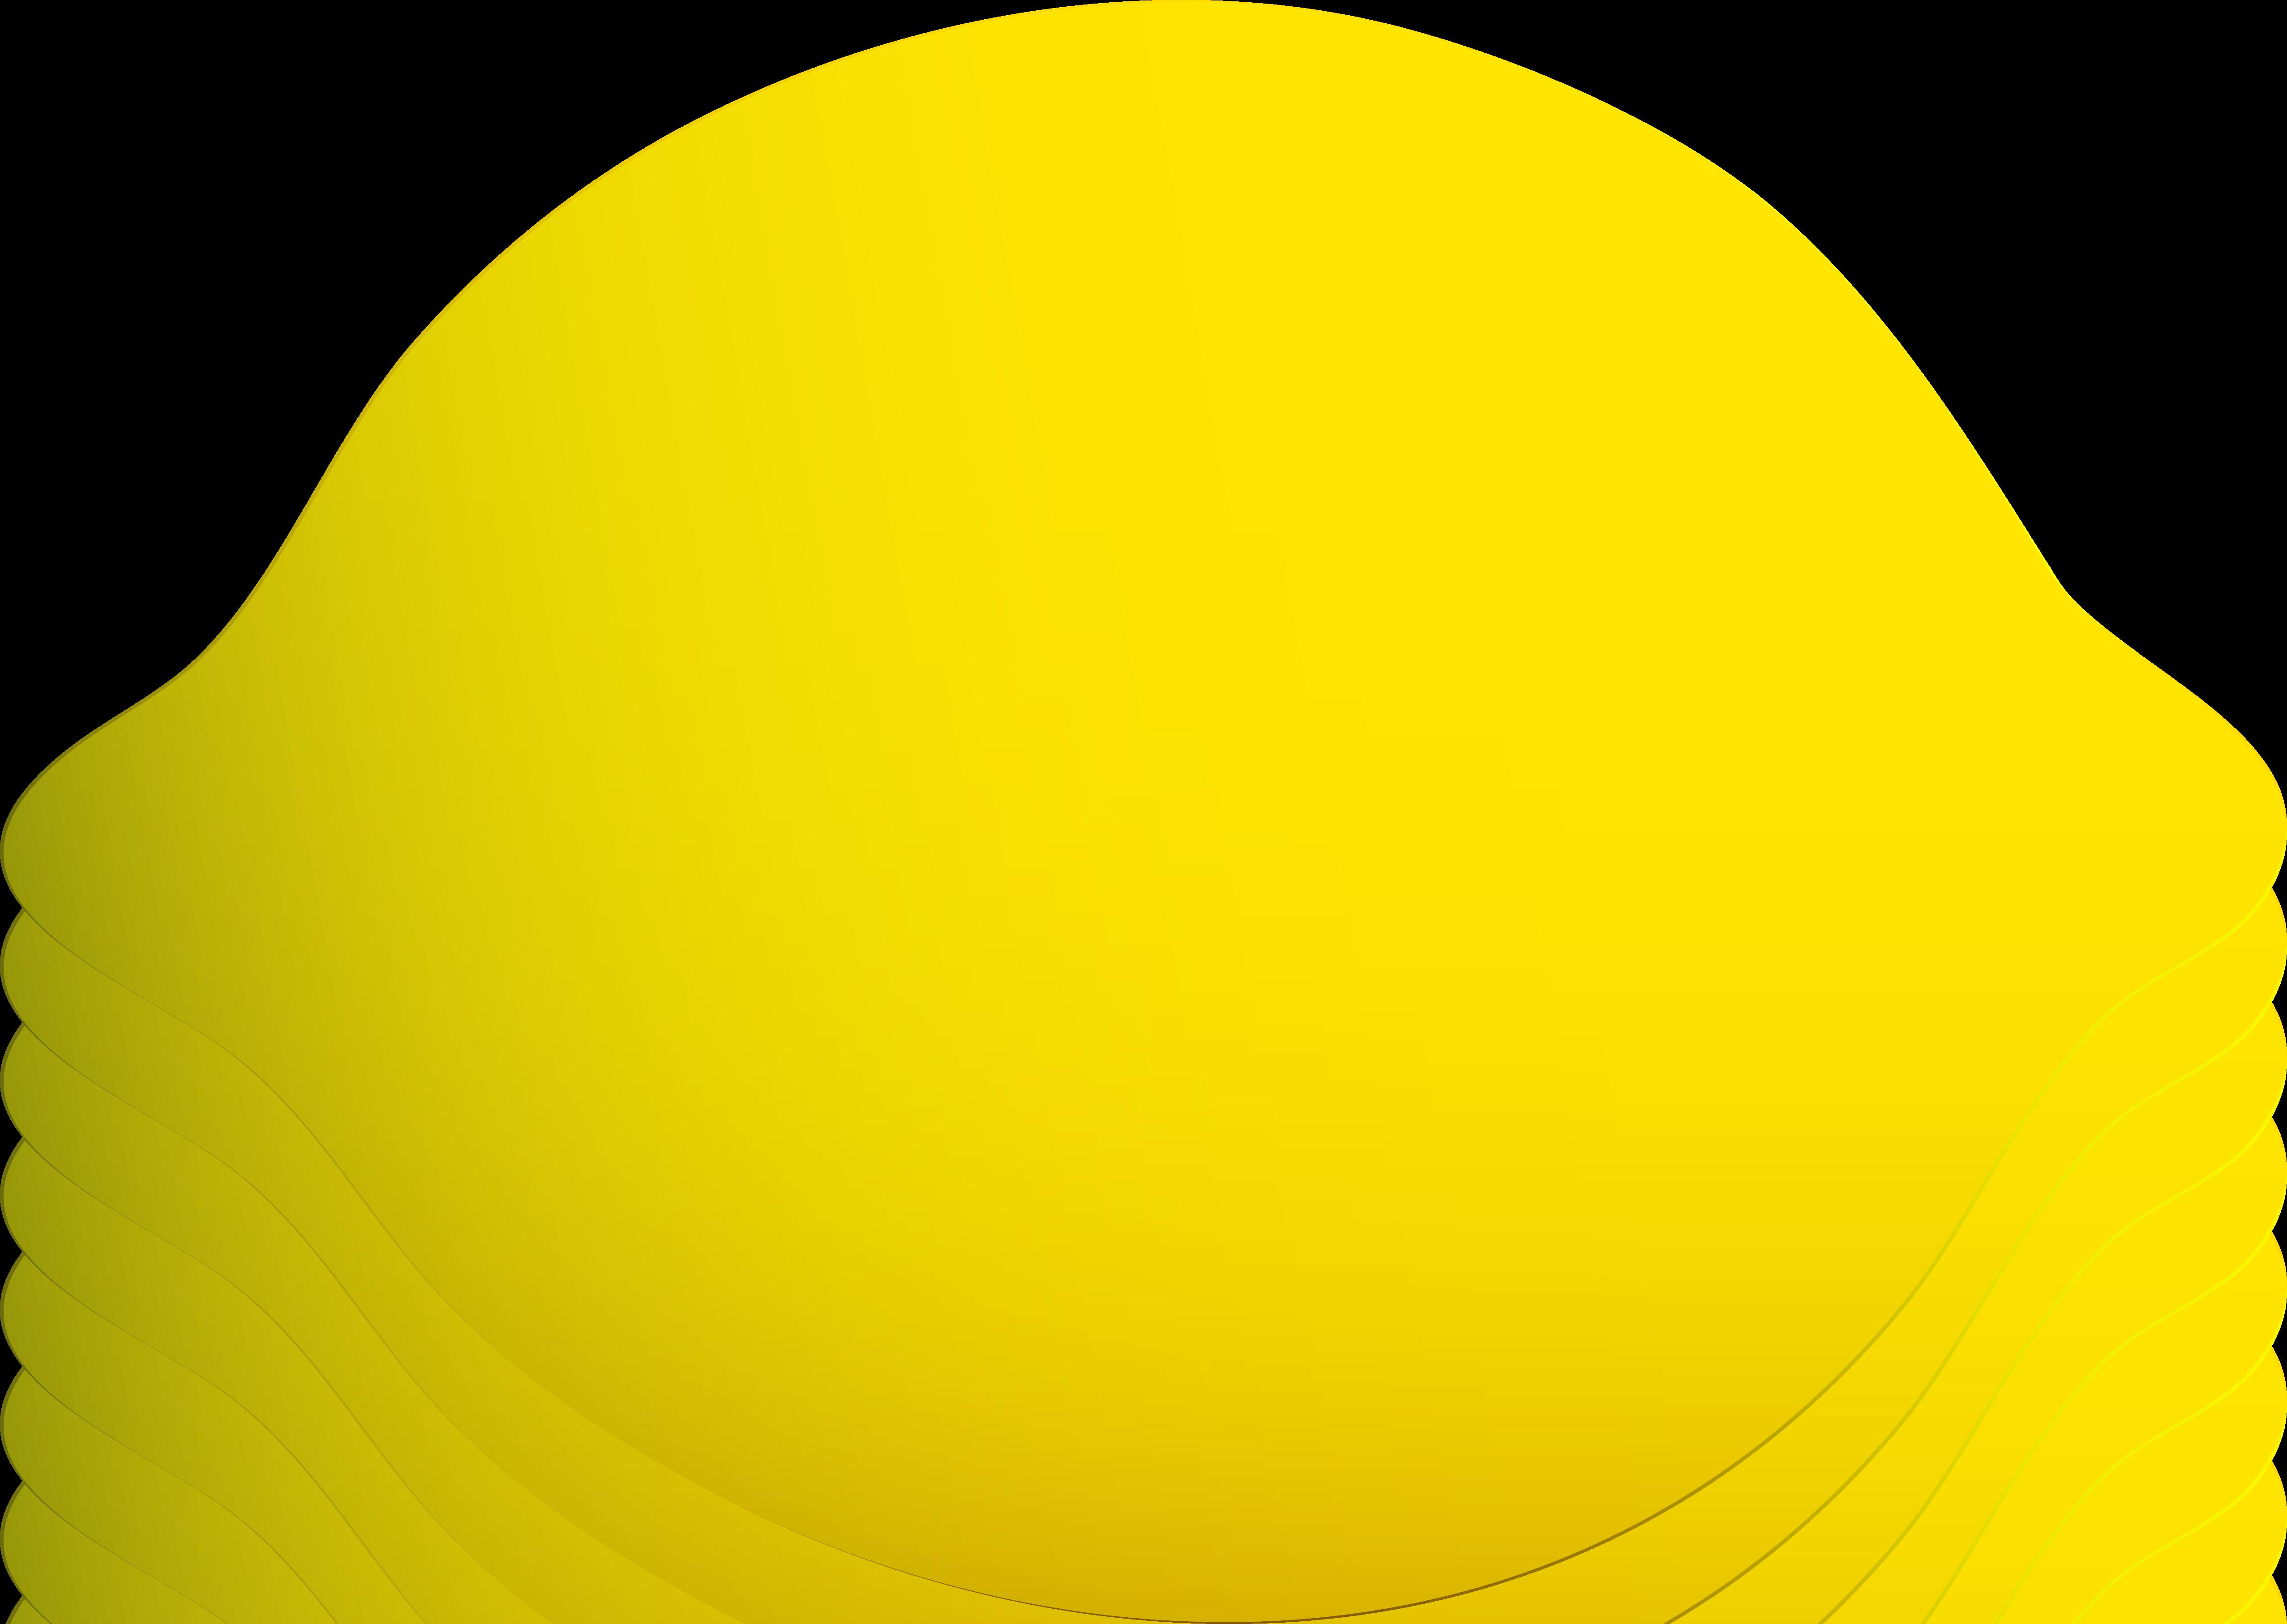 Lemon clip art panda. Lemons clipart yellow